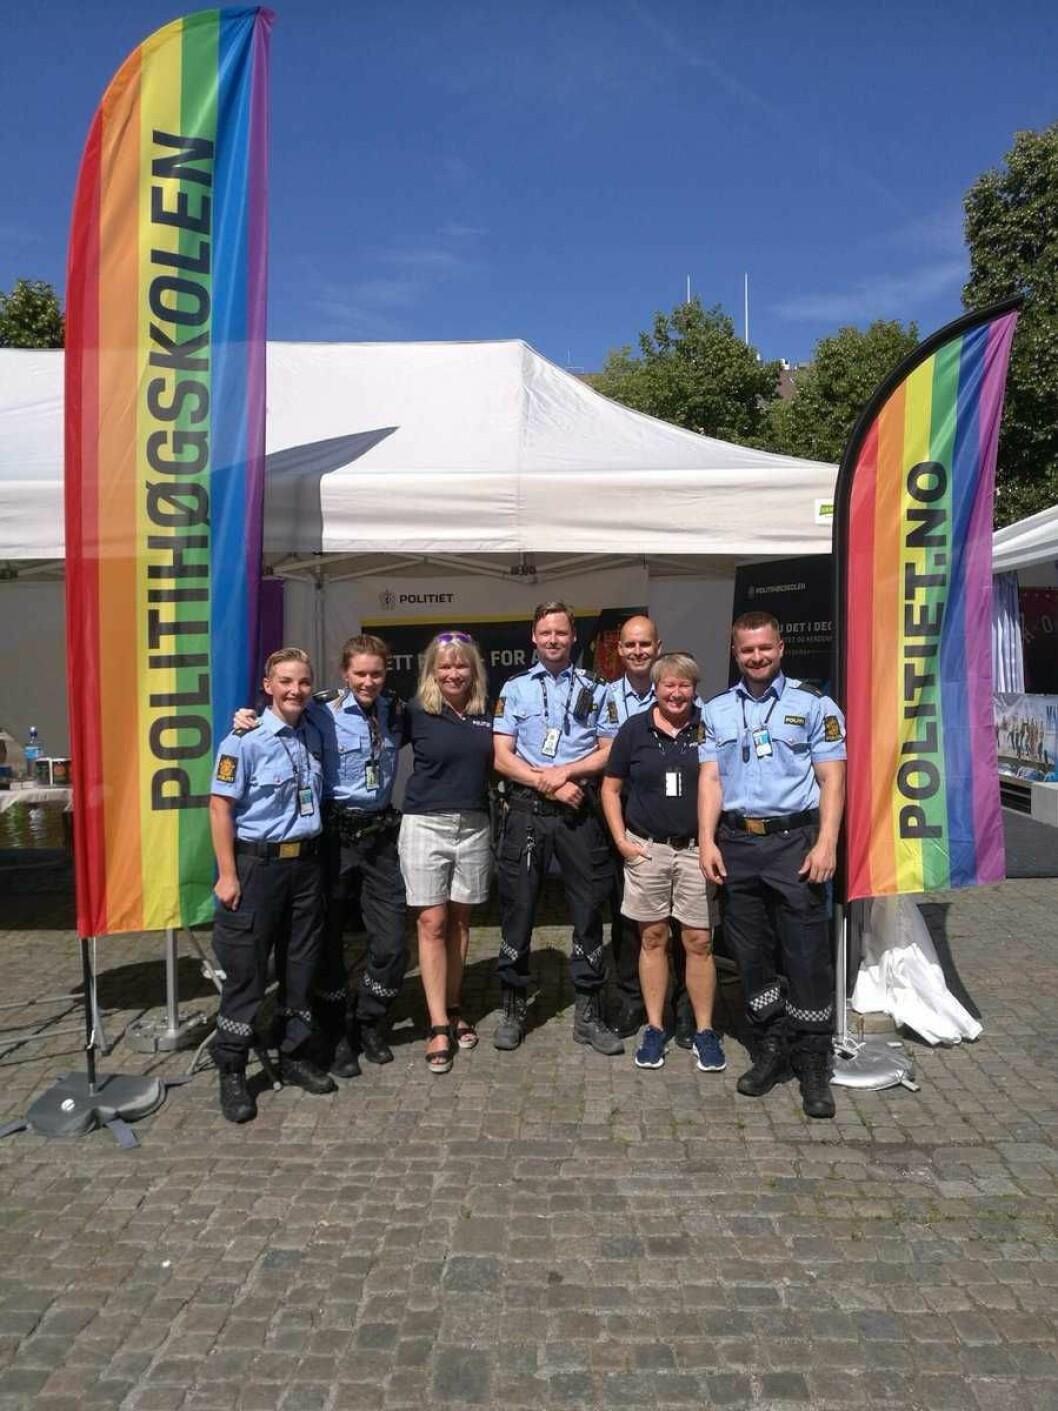 Politiet og politihøgskolens stand i Pride park i Spikersuppa. Foto: Politiet